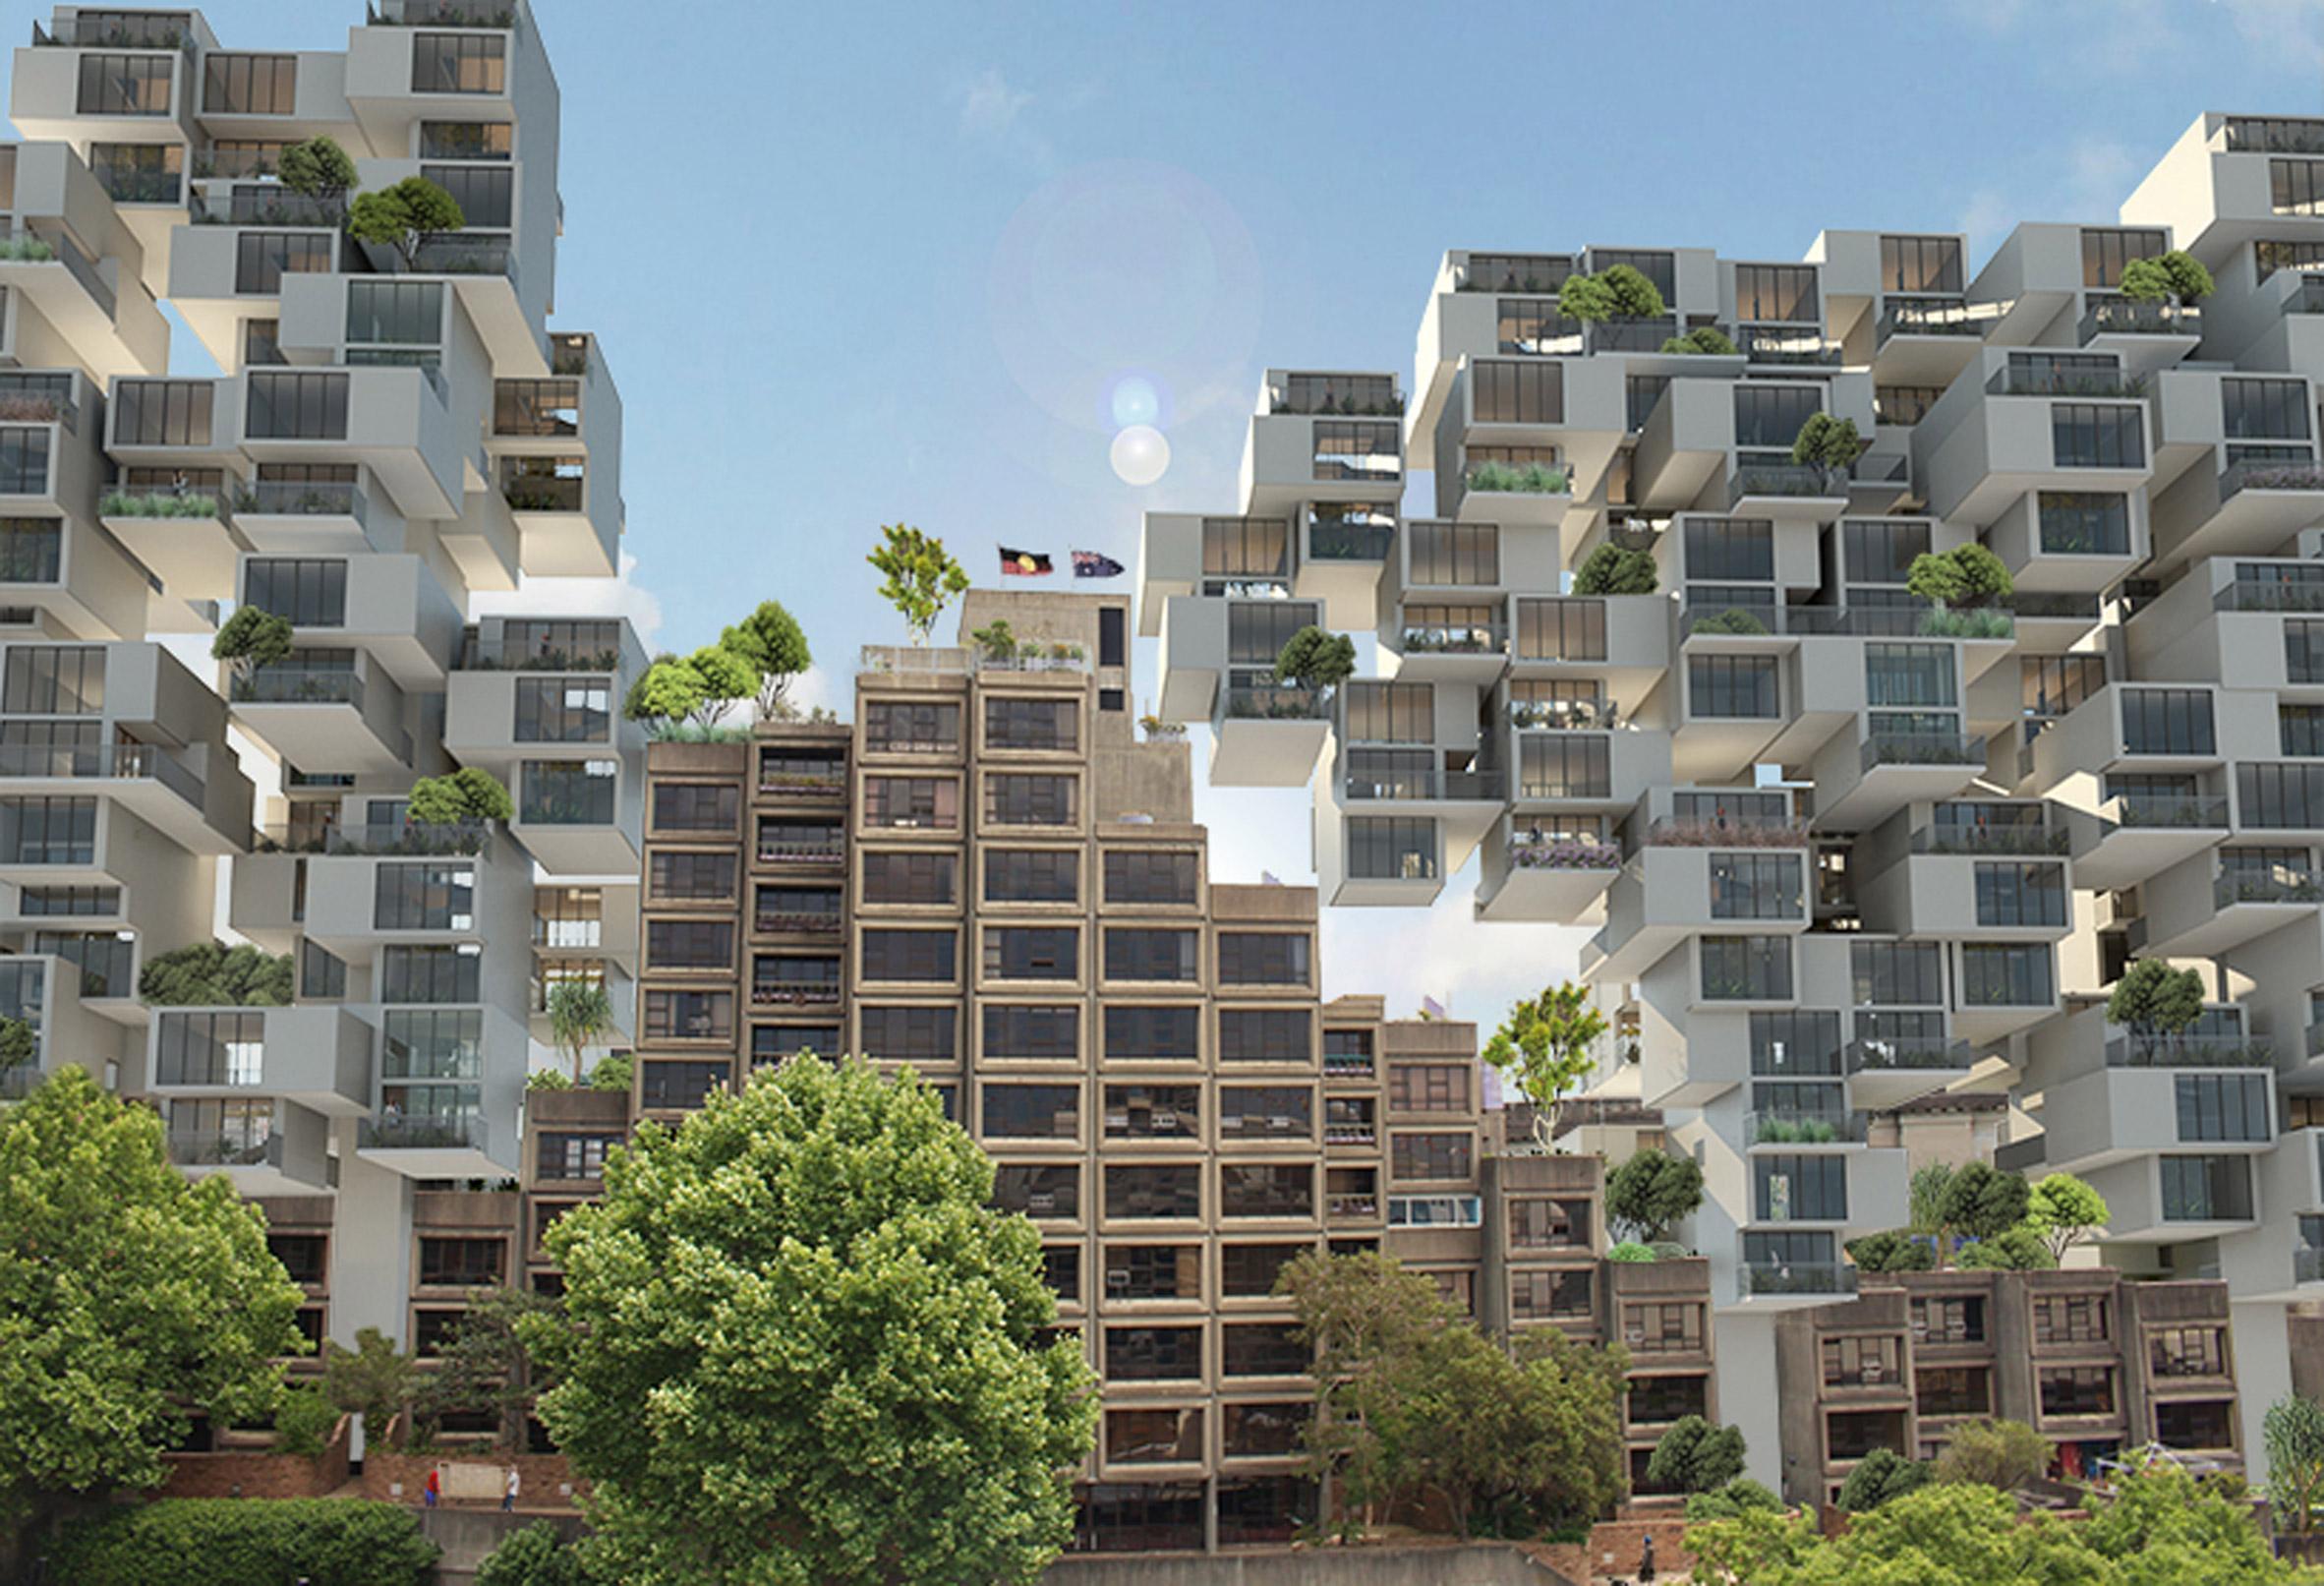 Safdie-esque extension proposed for Sydney's brutalist Sirius building